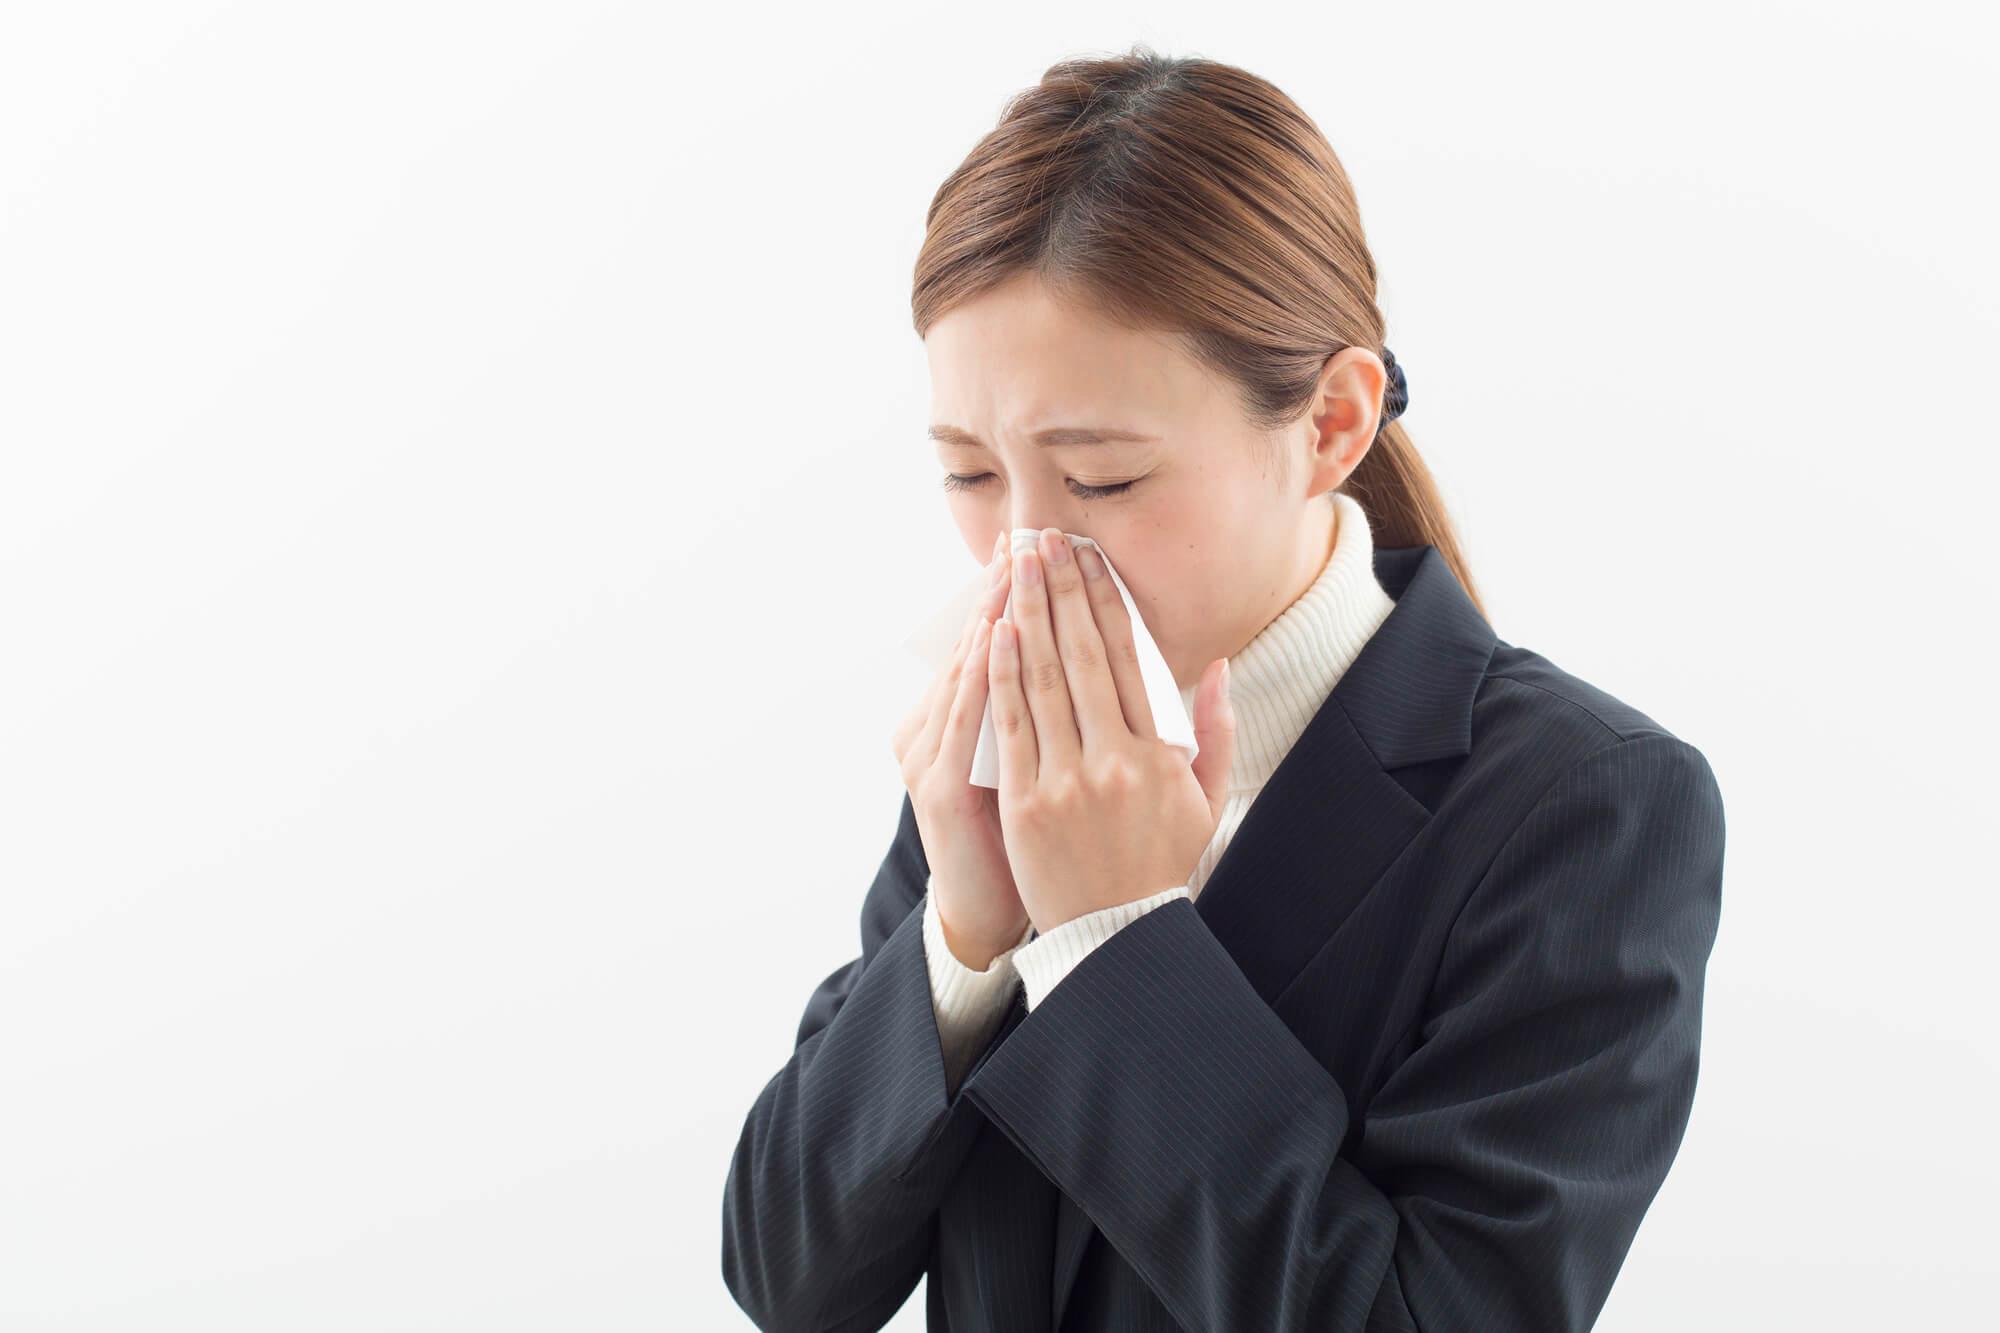 鼻水が止まらない女性